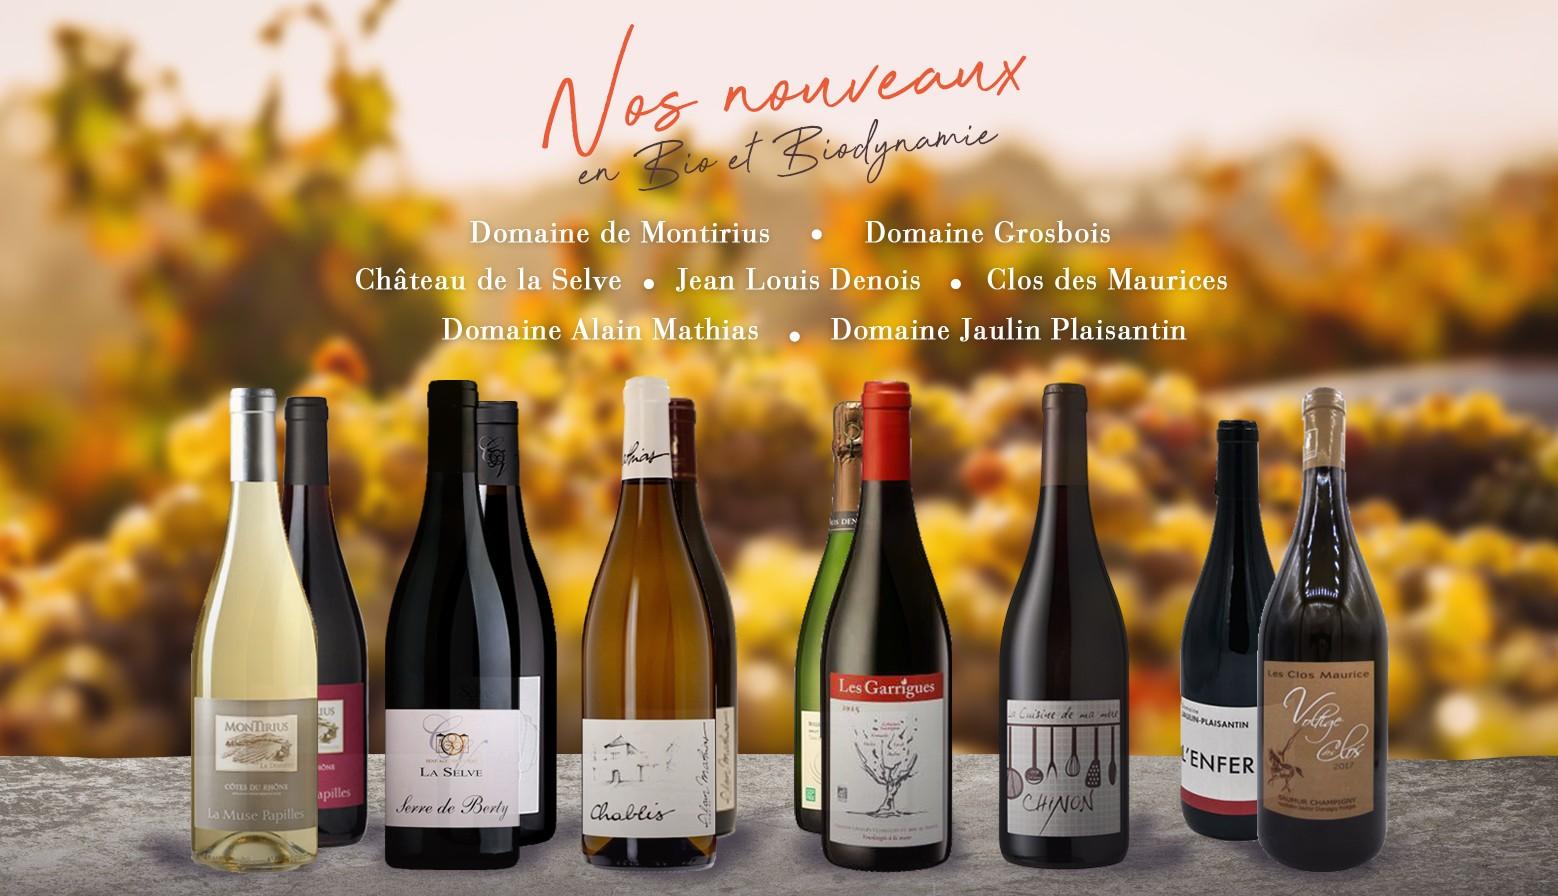 Nouvelles références en vin Bio et Biodynamie